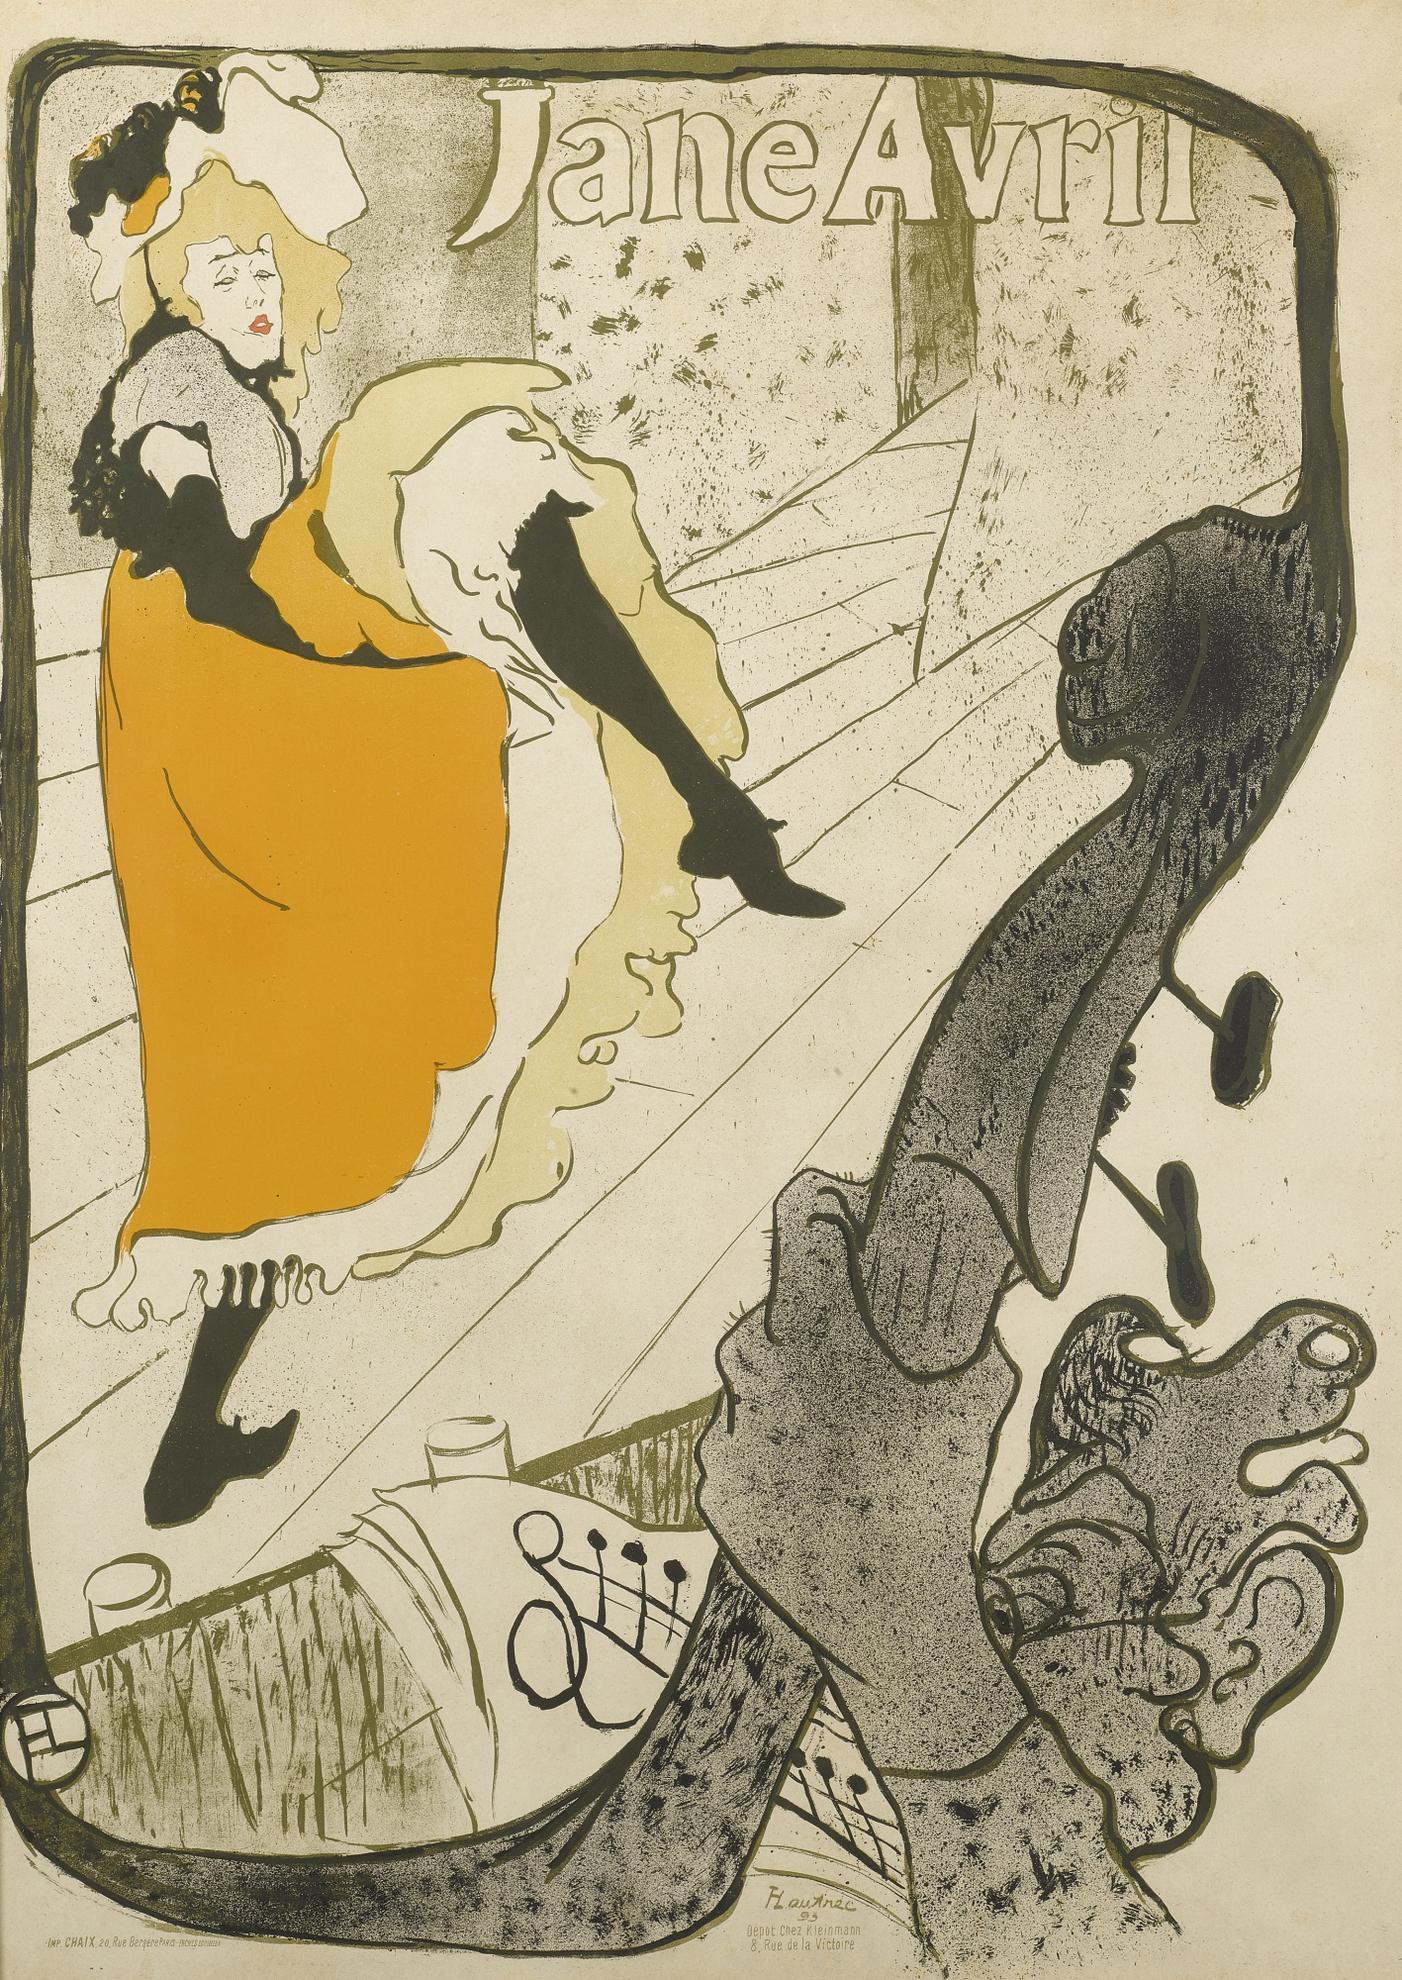 Henri de Toulouse-Lautrec-Jane Avril (D. 345; Adr. 11; W. P6)-1893